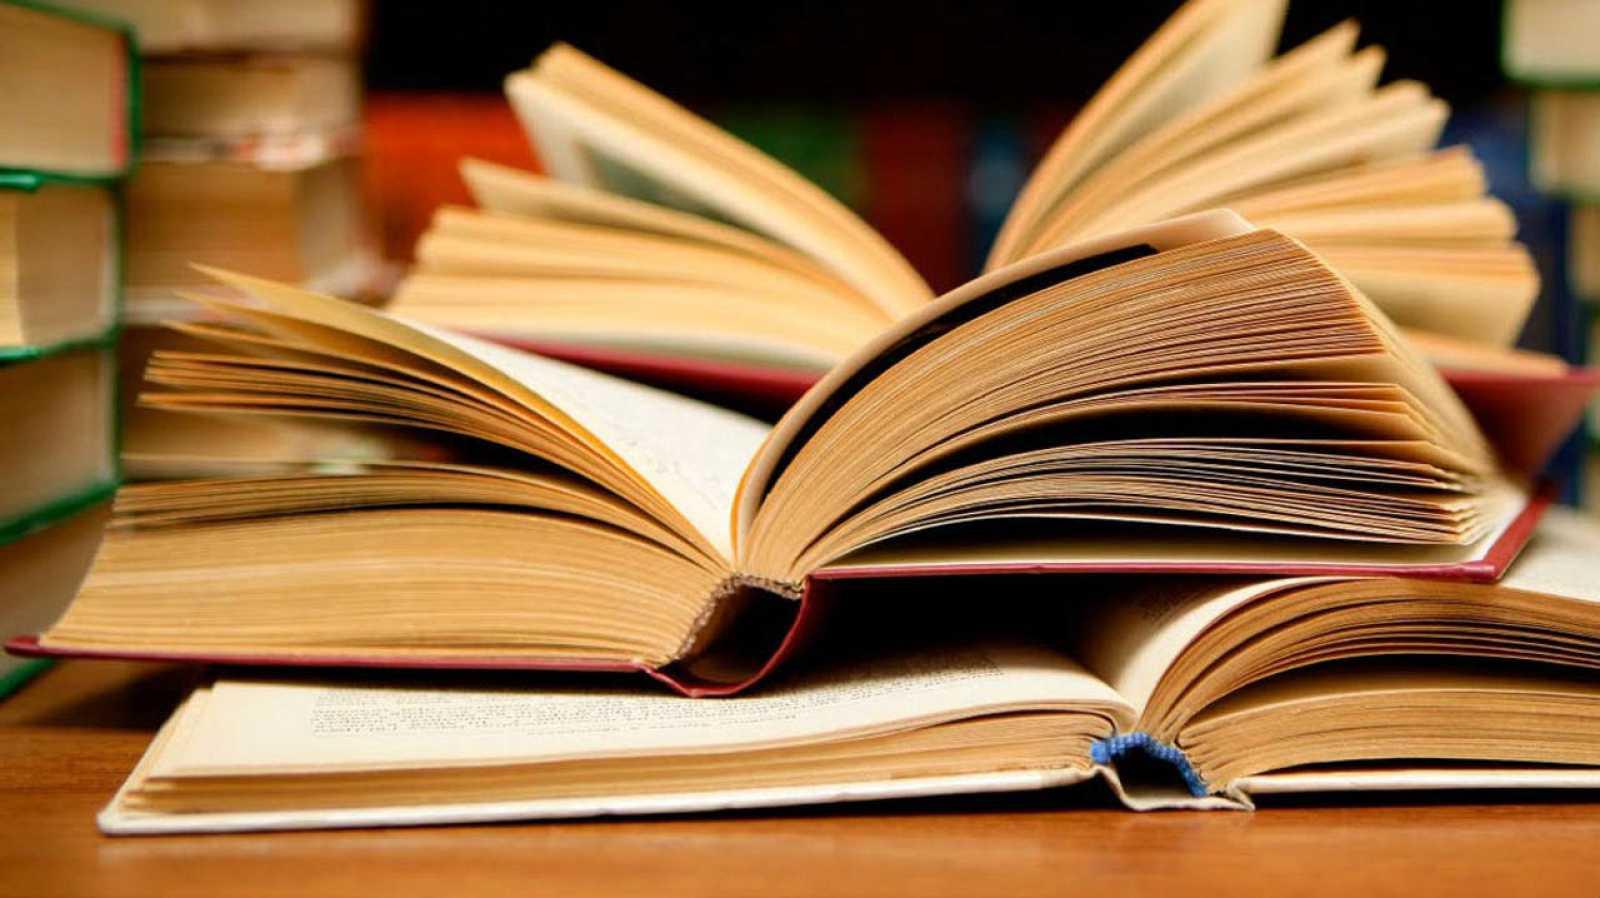 Cada 23 de abril se celebra el Día Internacional del Libro, celebración promovida por la Unesco desde 1995